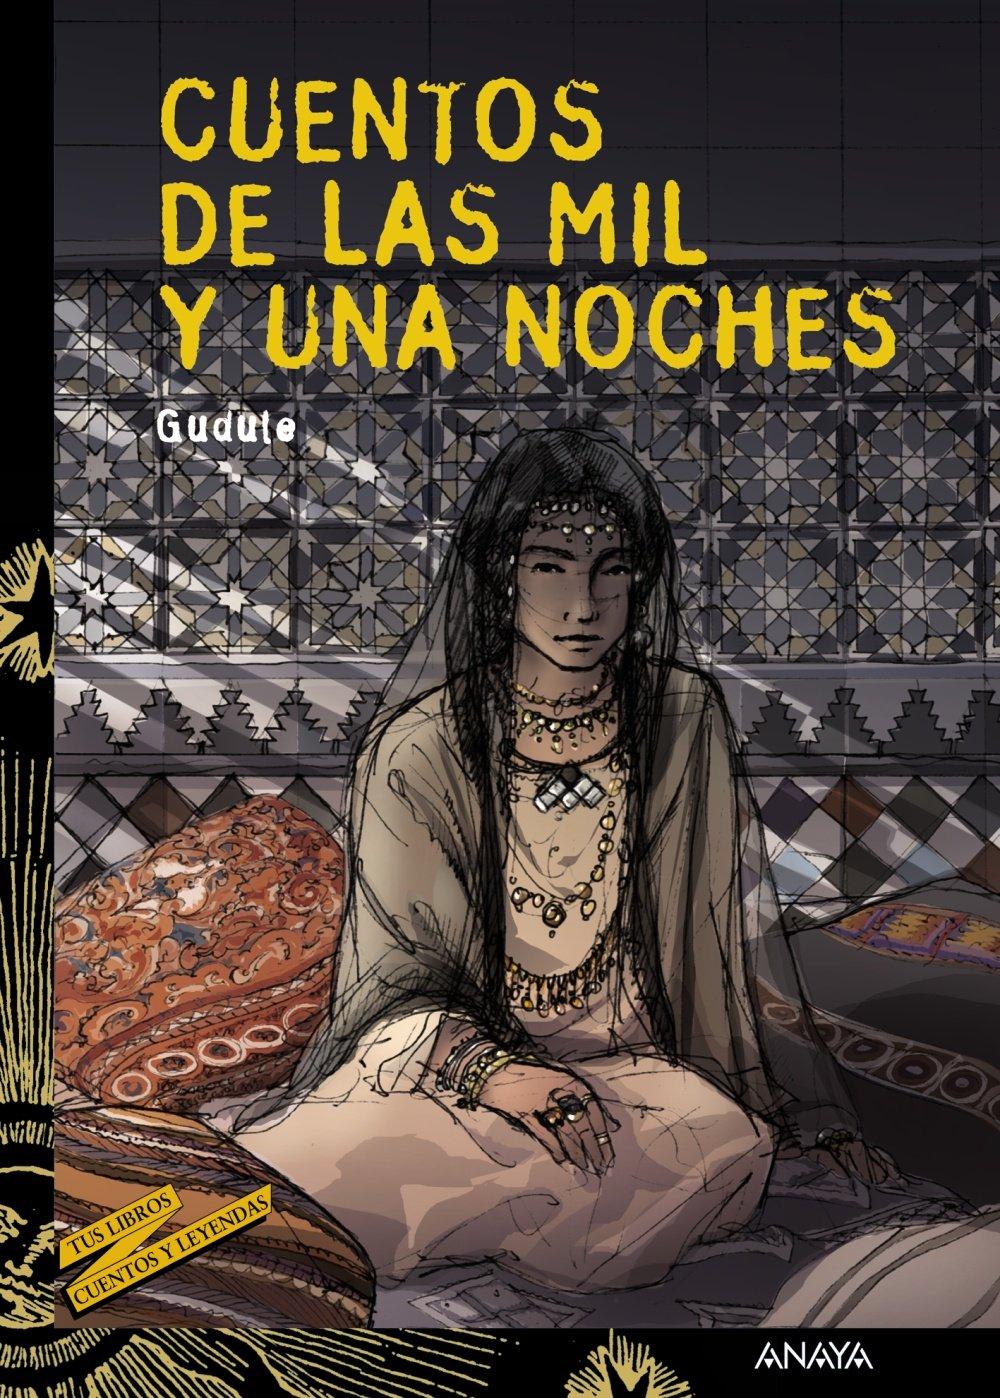 ... y una noches: 17 Literatura Juvenil A Partir De 12 Años - Cuentos Y Leyendas: Amazon.es: Gudule, Jordi Vila Delclòs, Ana Isabel Conejo Alonso: Libros